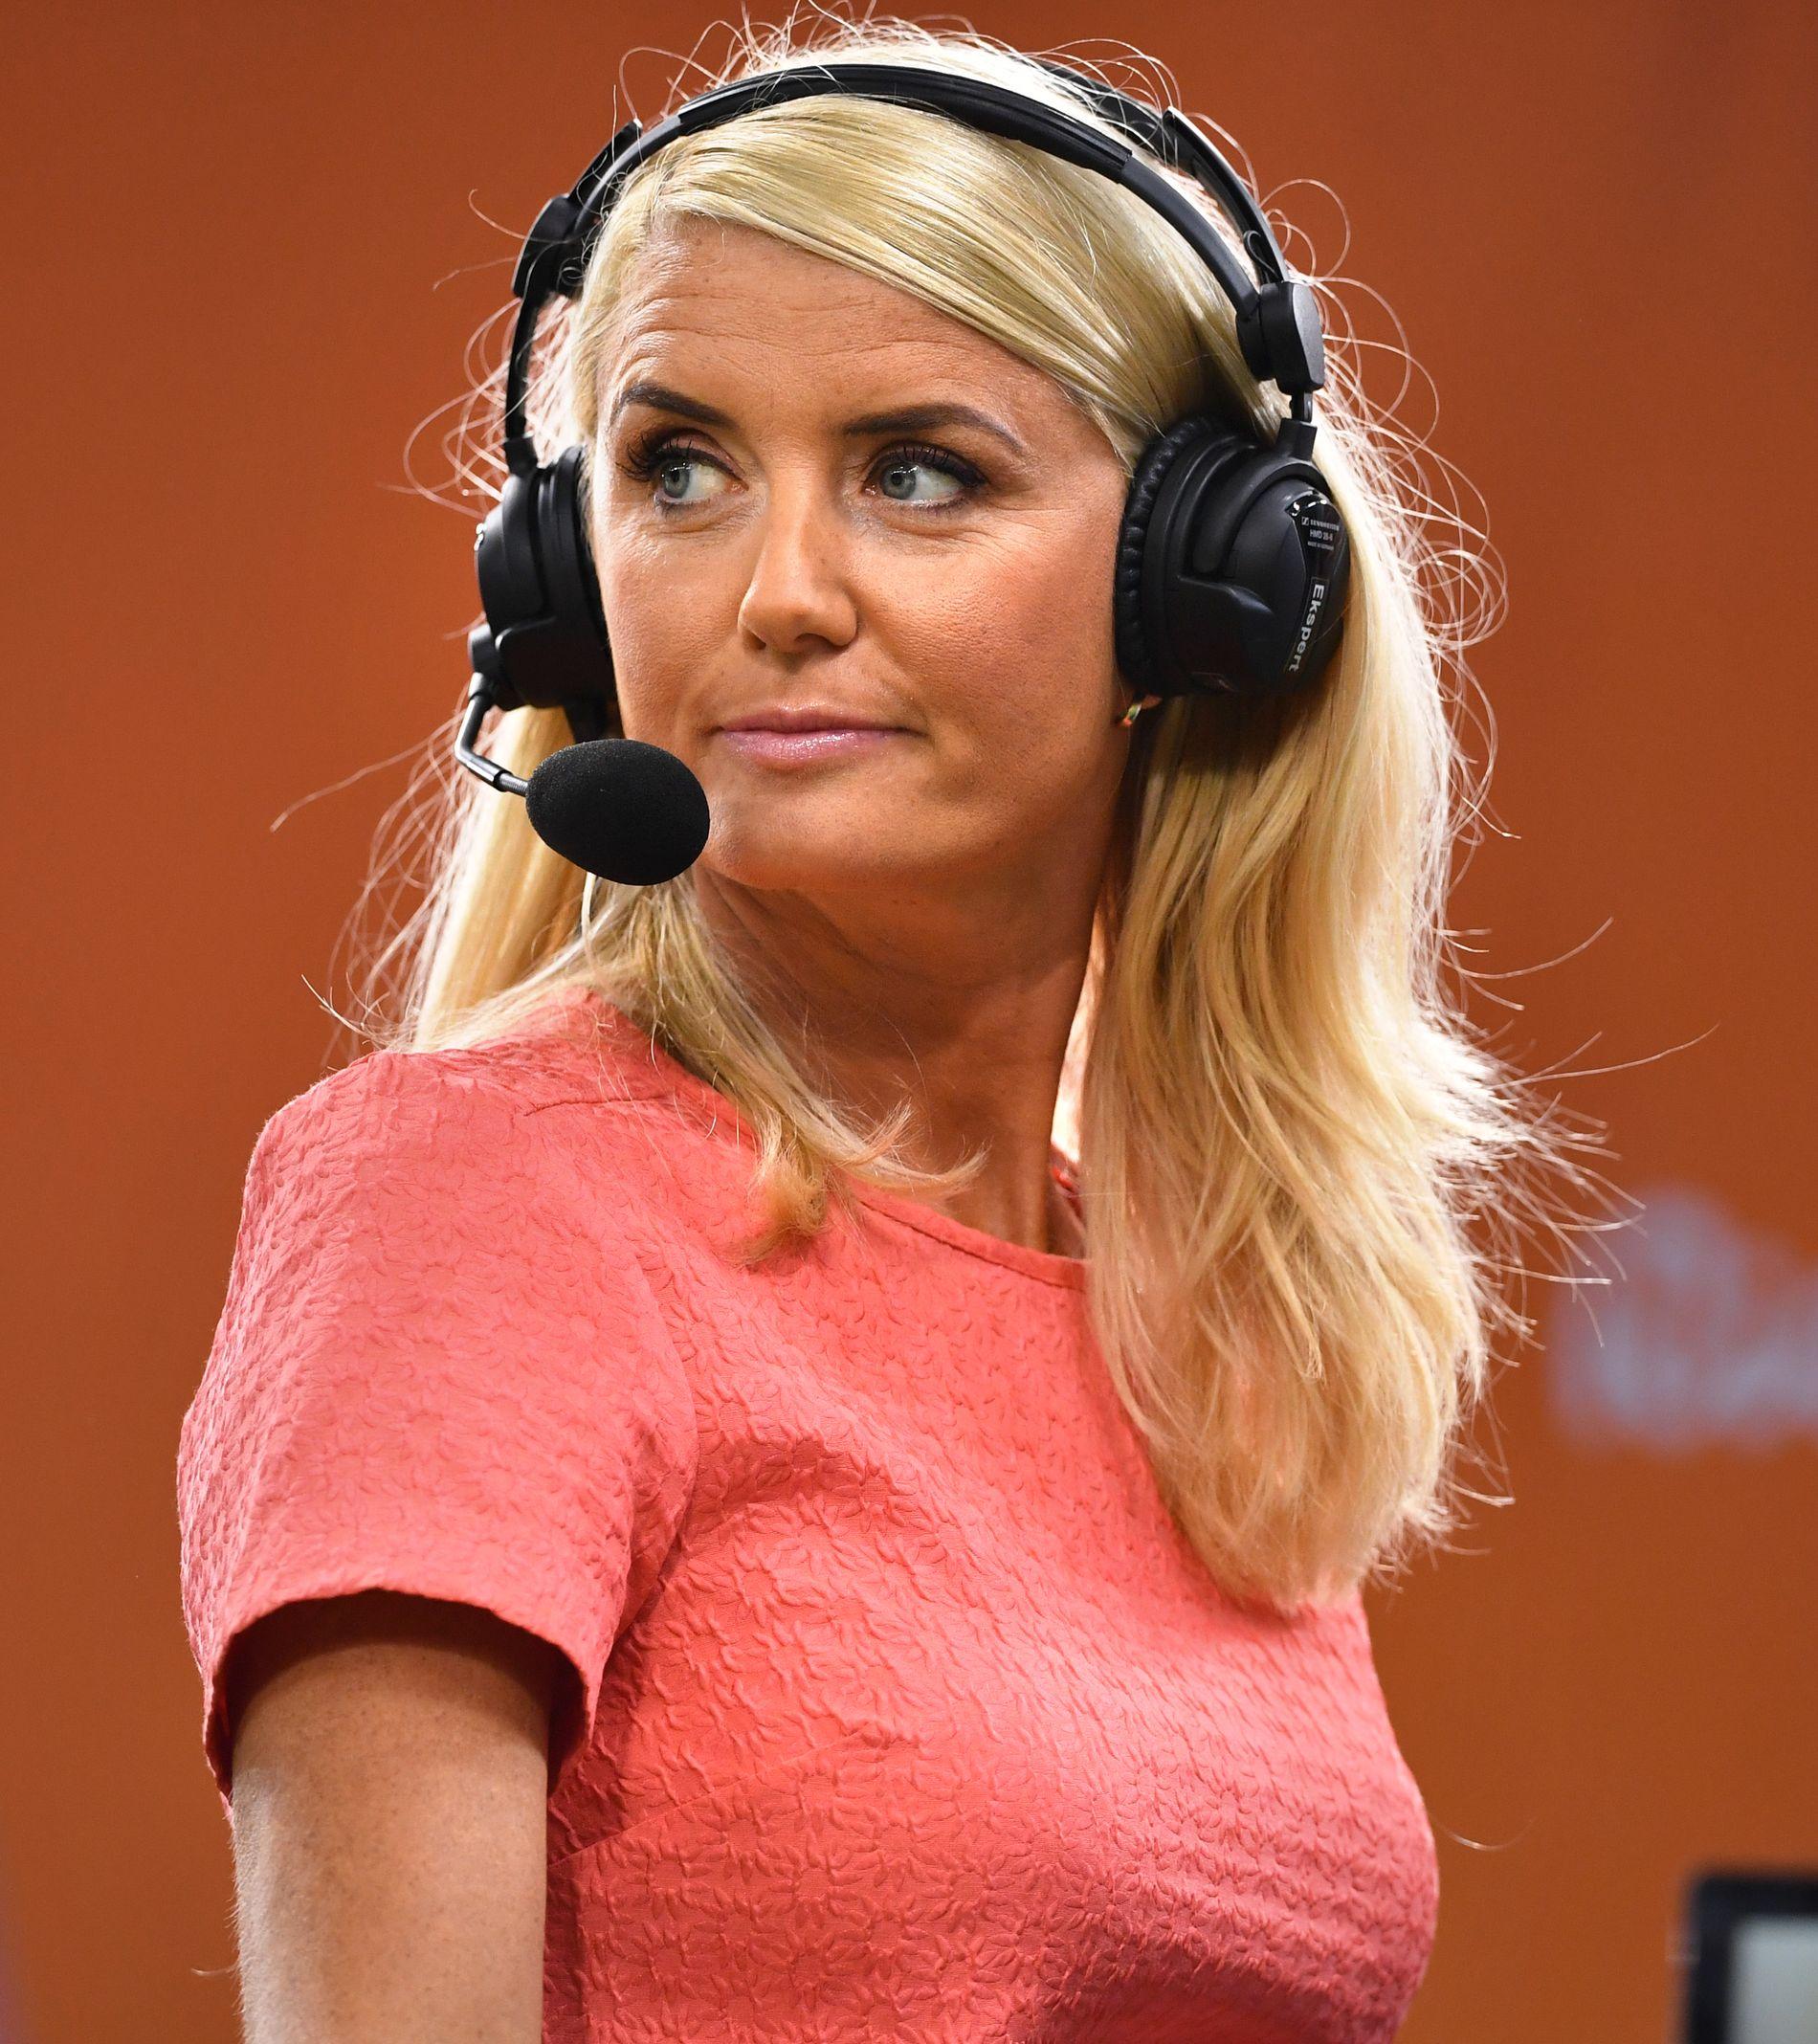 VURDERER JOHAUGS SAK: Randi Gustad har satt seg inn i Johaugs dopingsak. Her er hun på jobb som håndballekspert for TV 2 under OL i Rio.